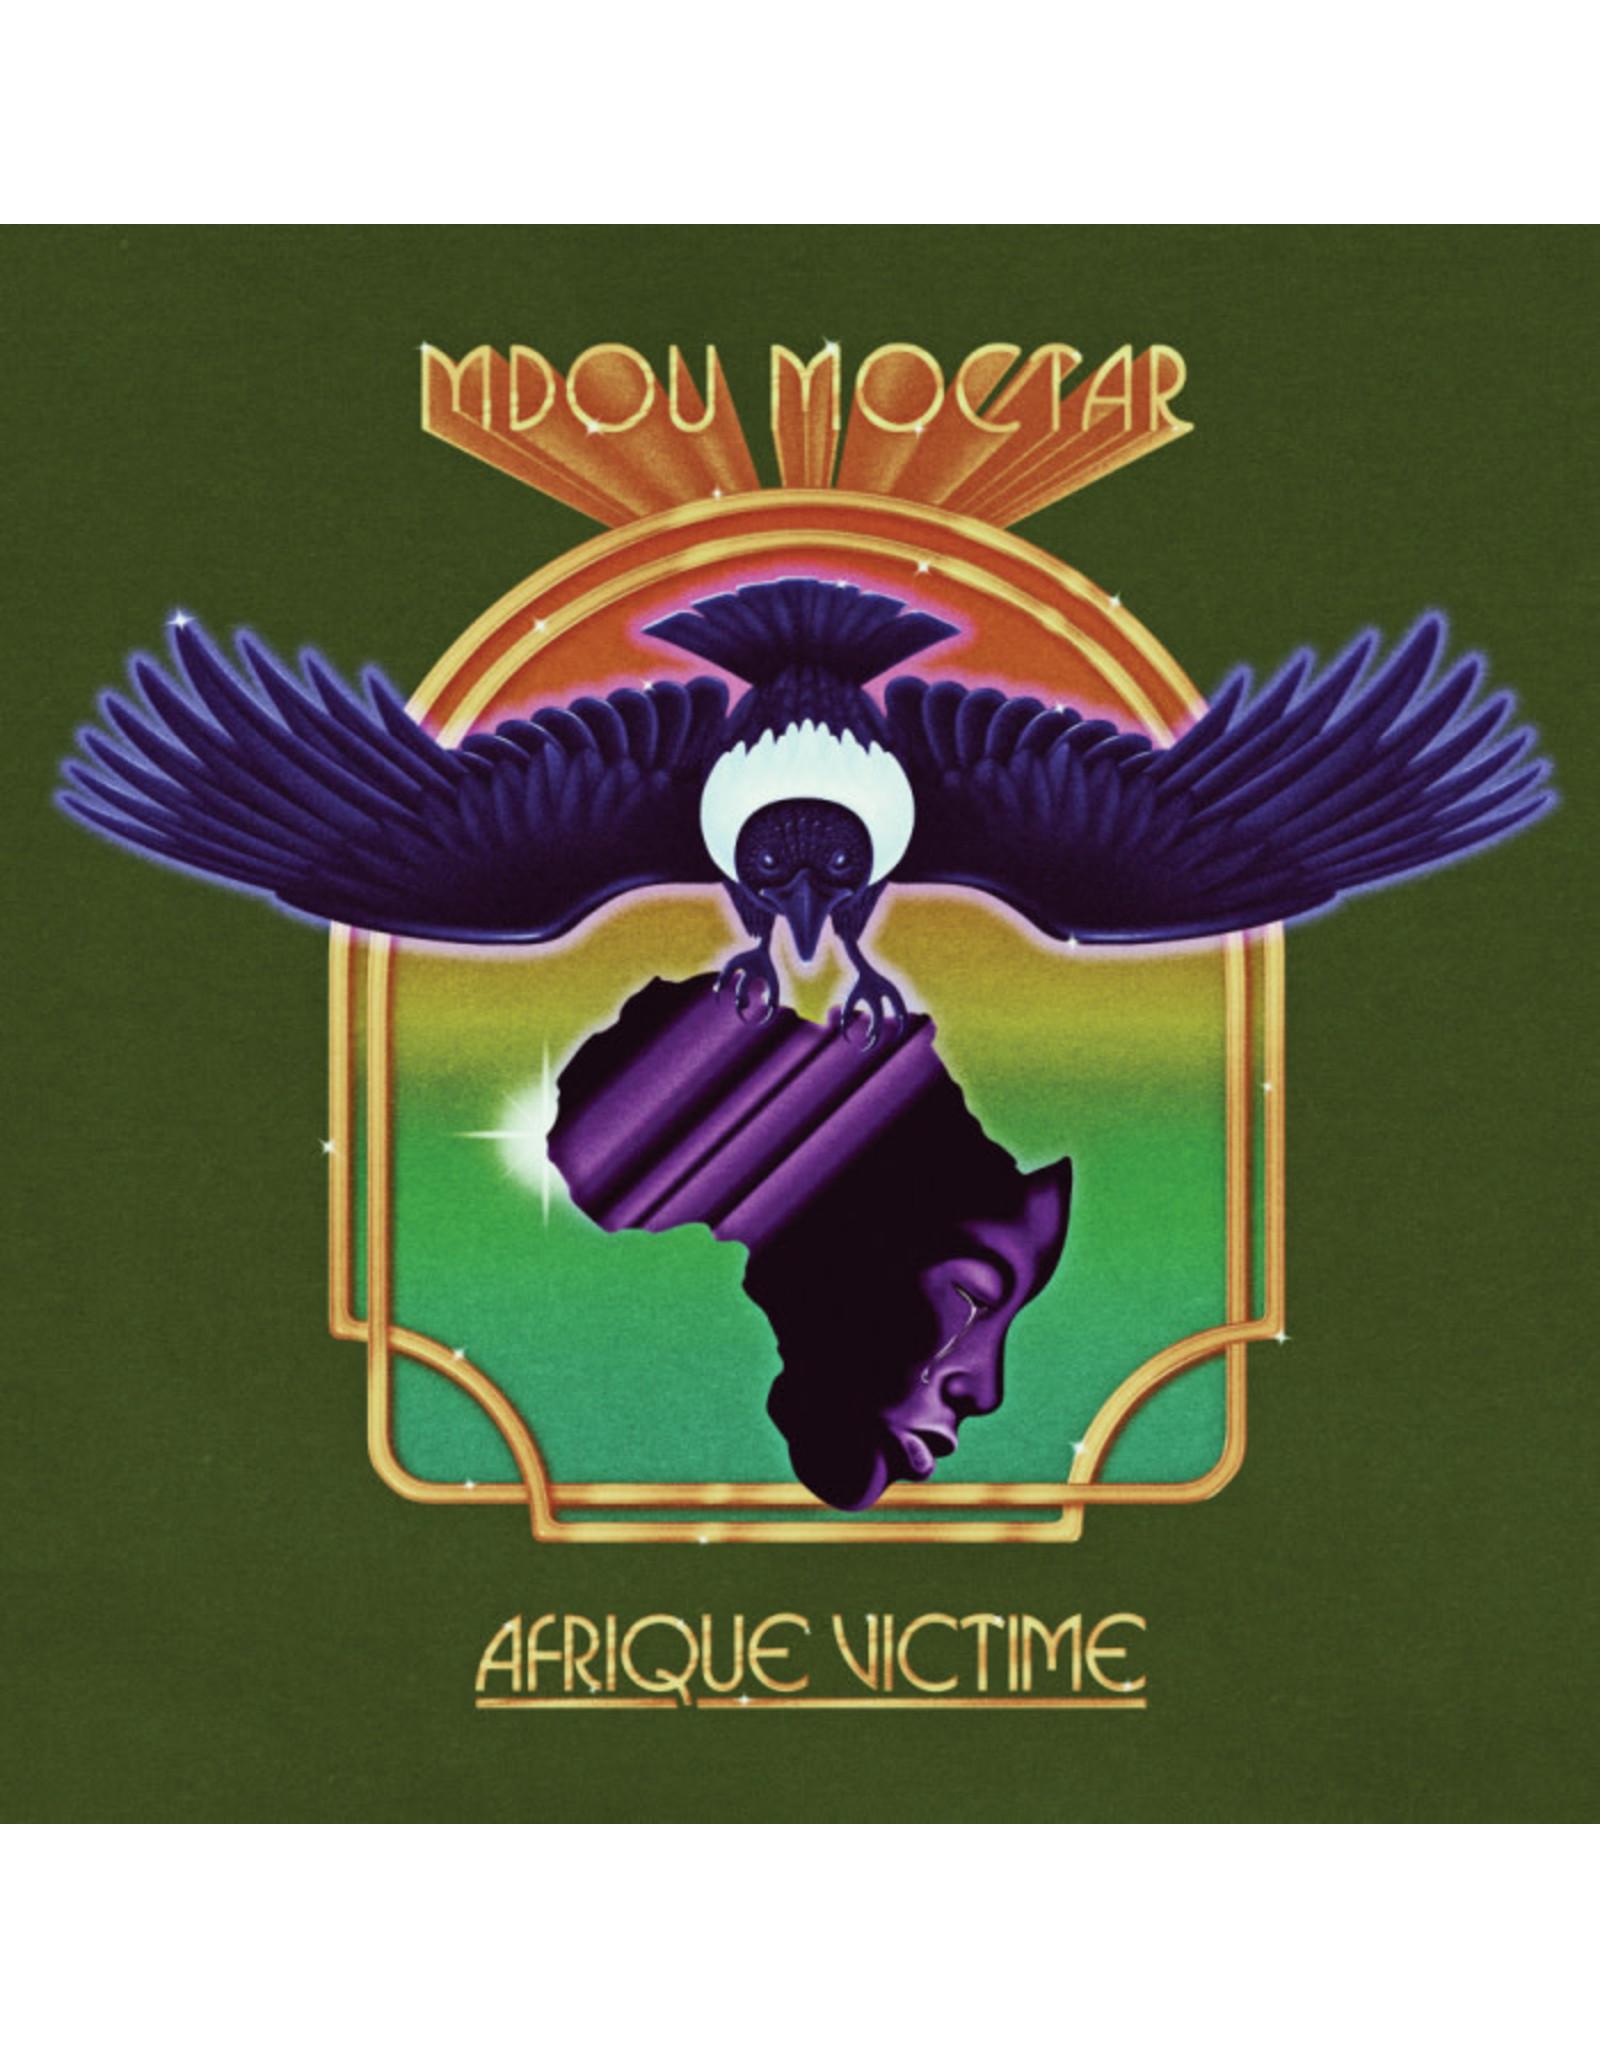 Moctar, Mdou - Afrique Victime LP